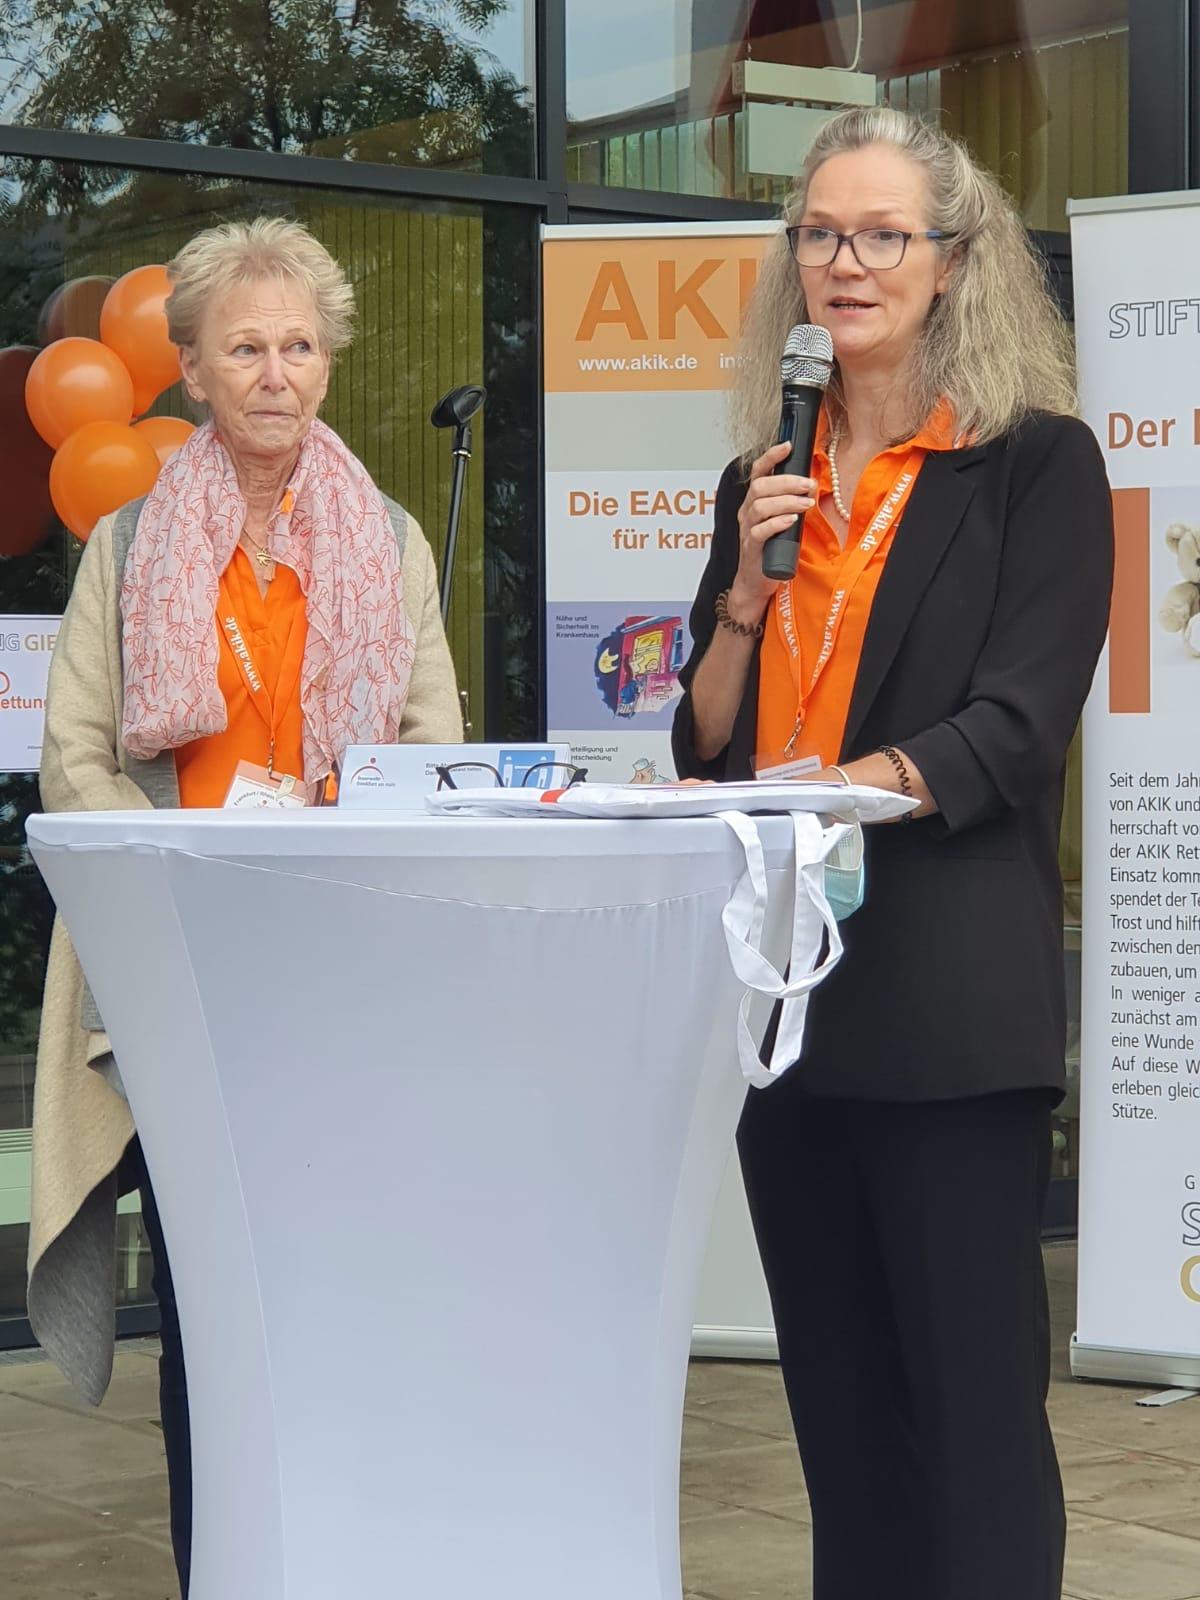 Ingrid Straßer und Karin Schmidt / AKIK